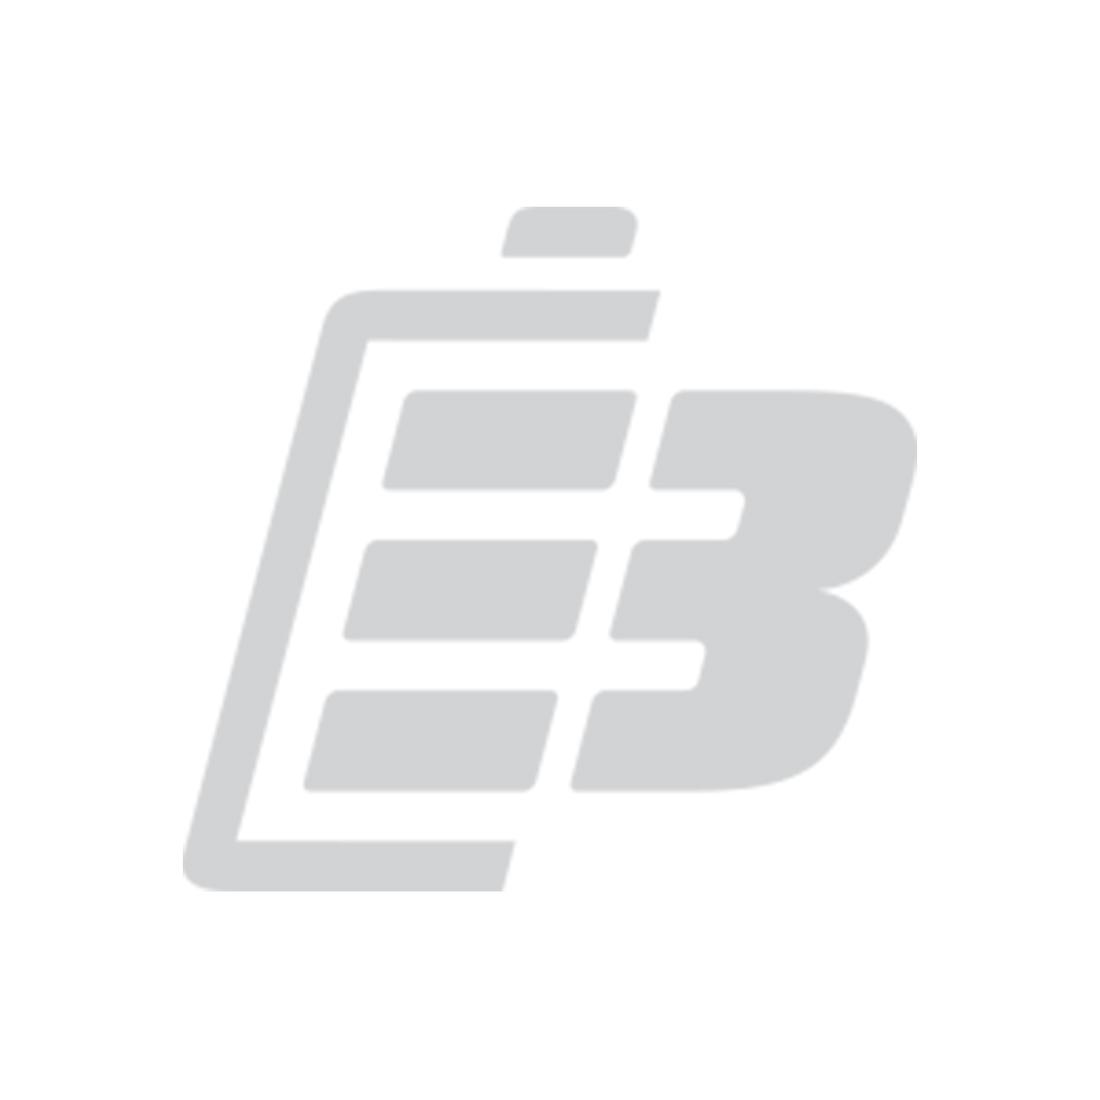 PDA battery Eten glofiish M500_1